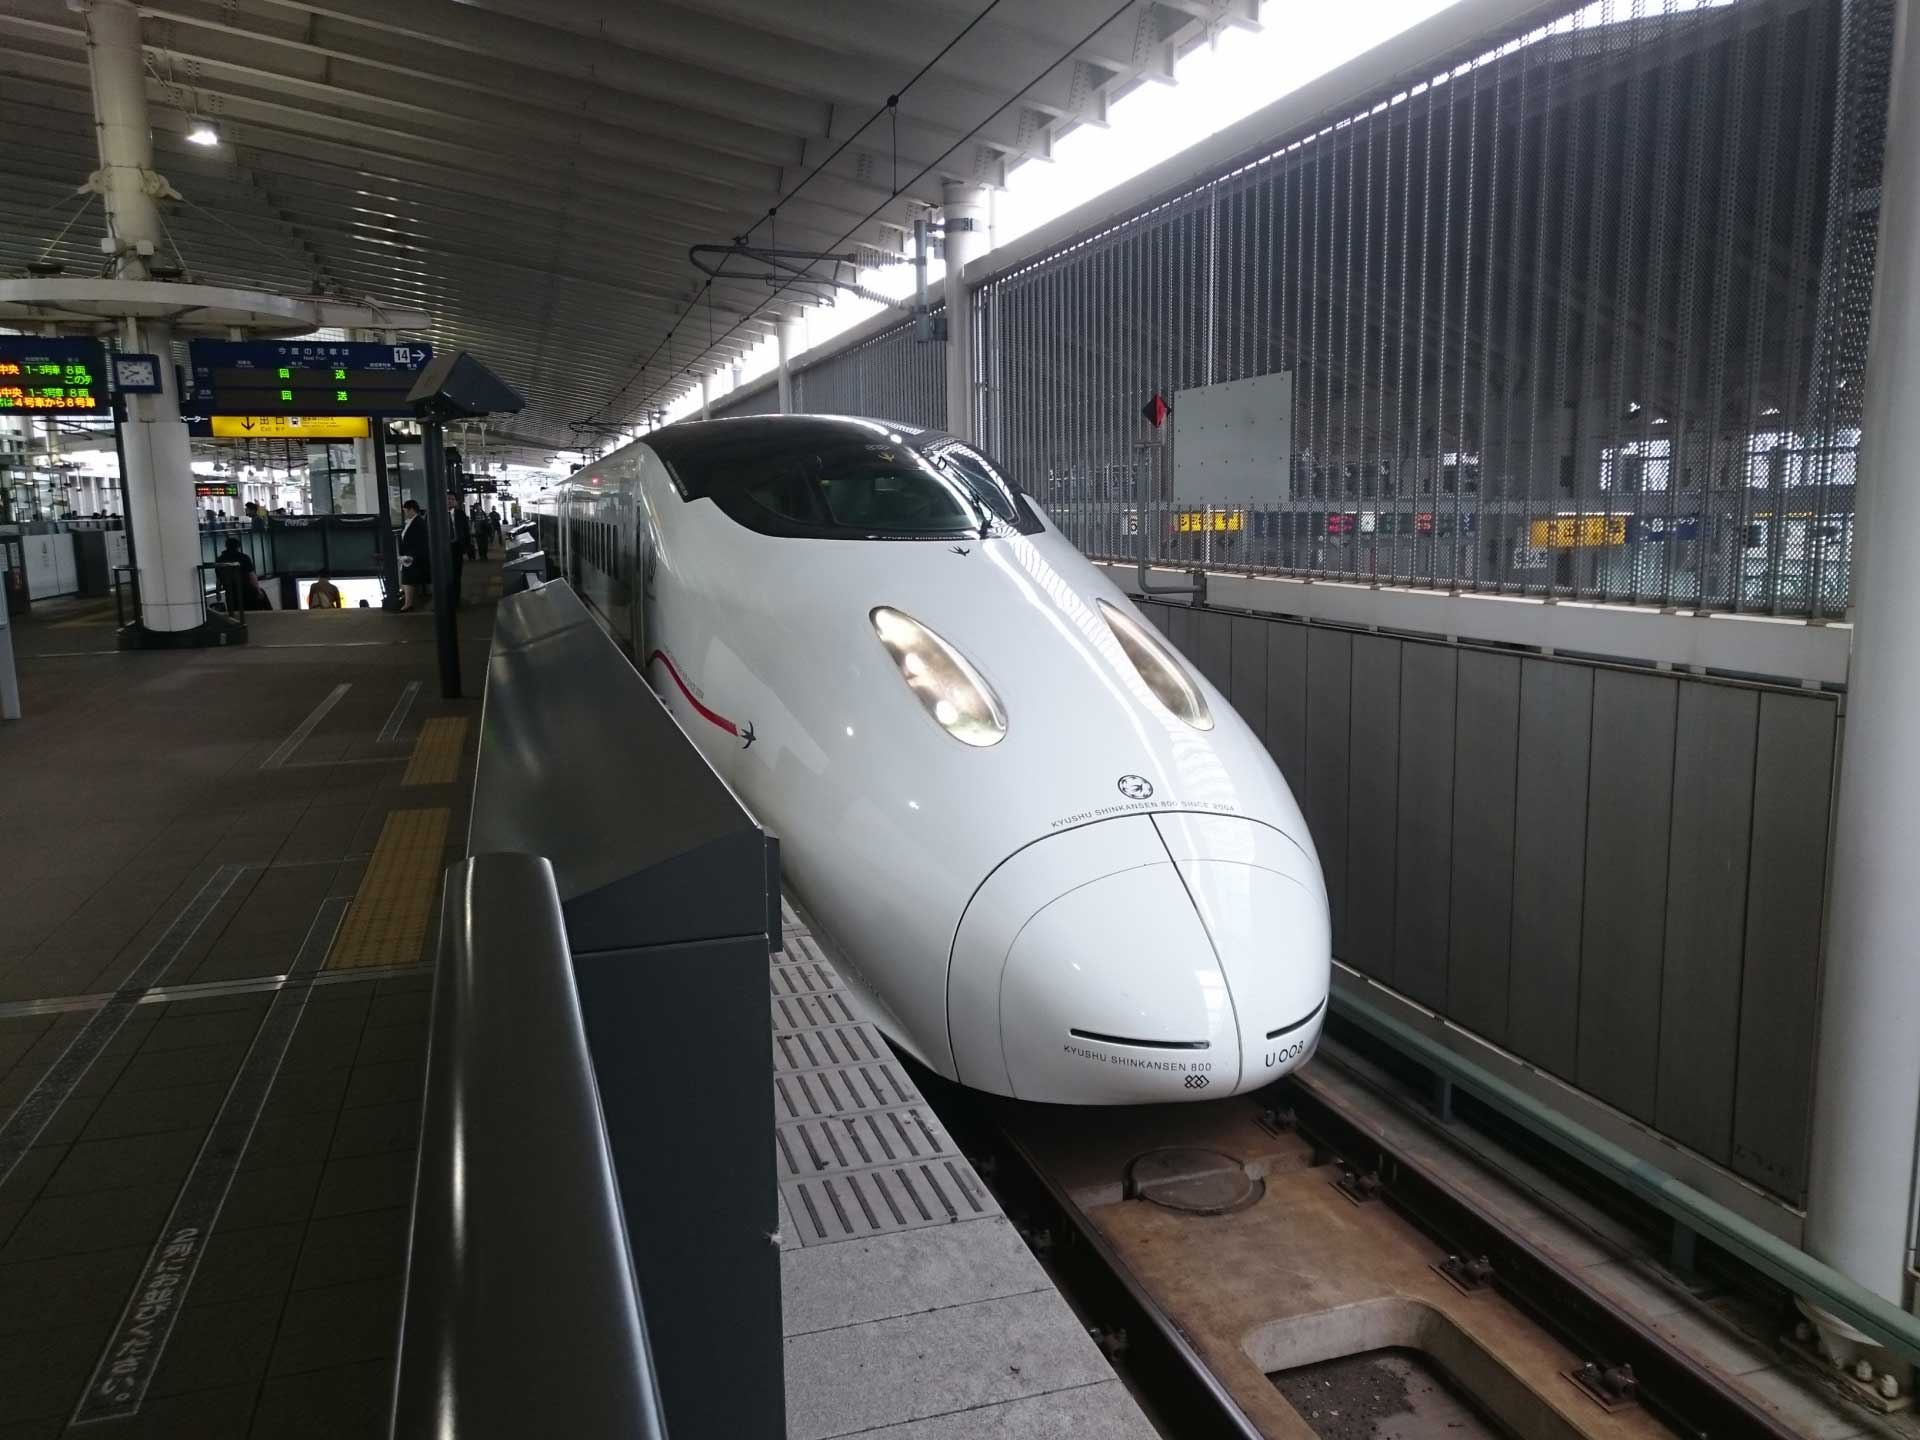 「つばめ」は九州内でしか見られない車両です